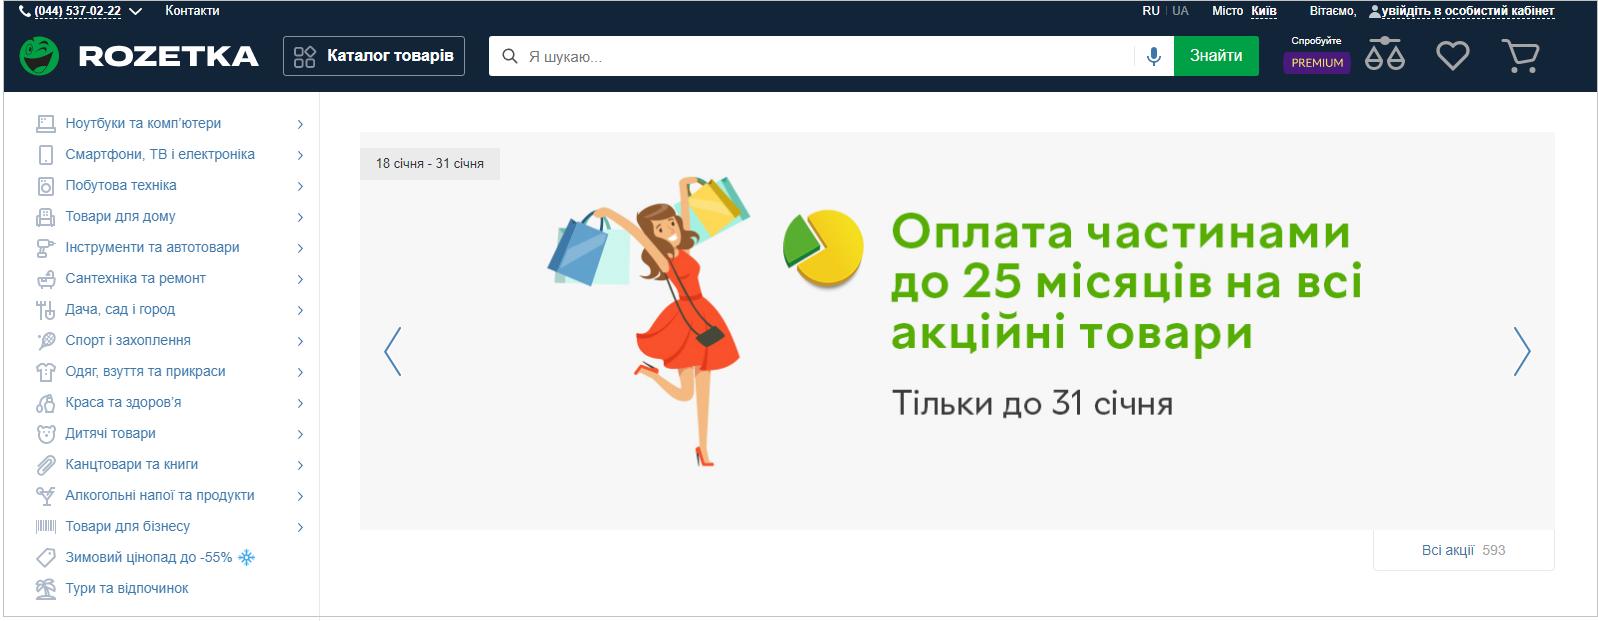 Маркетплейс Rozetka.ua